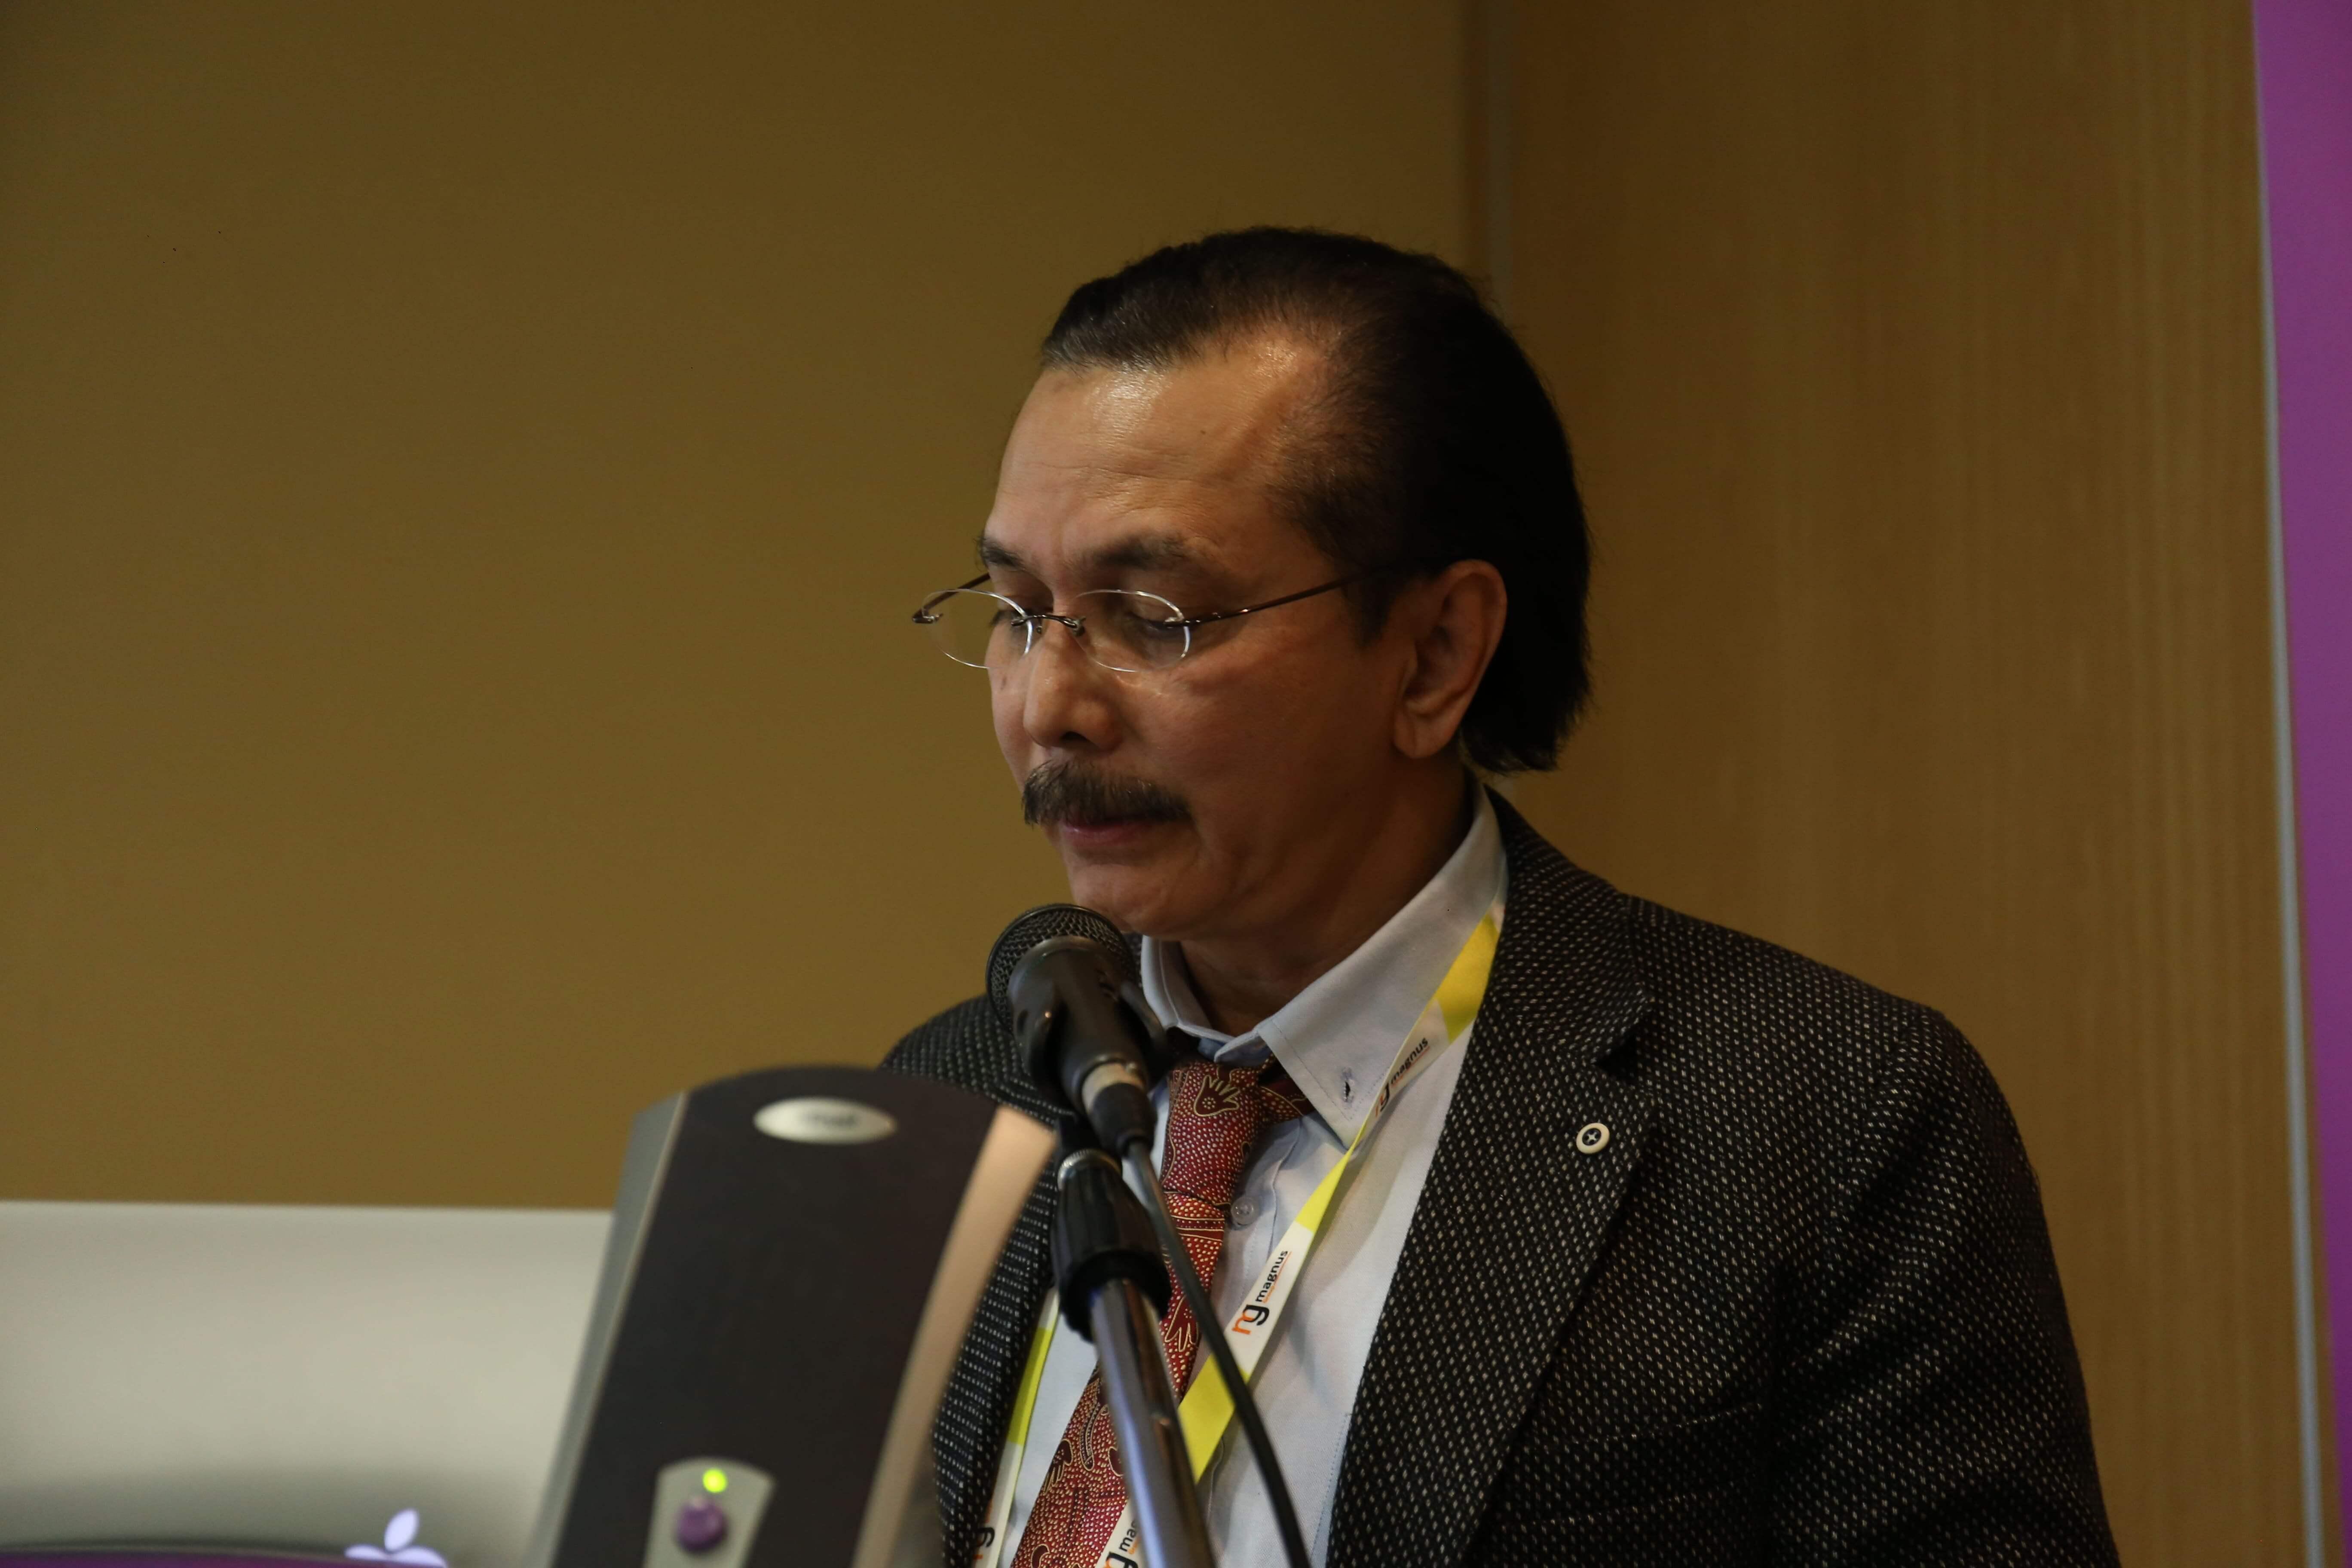 Cancer Congress - Erwin Danil Yulian